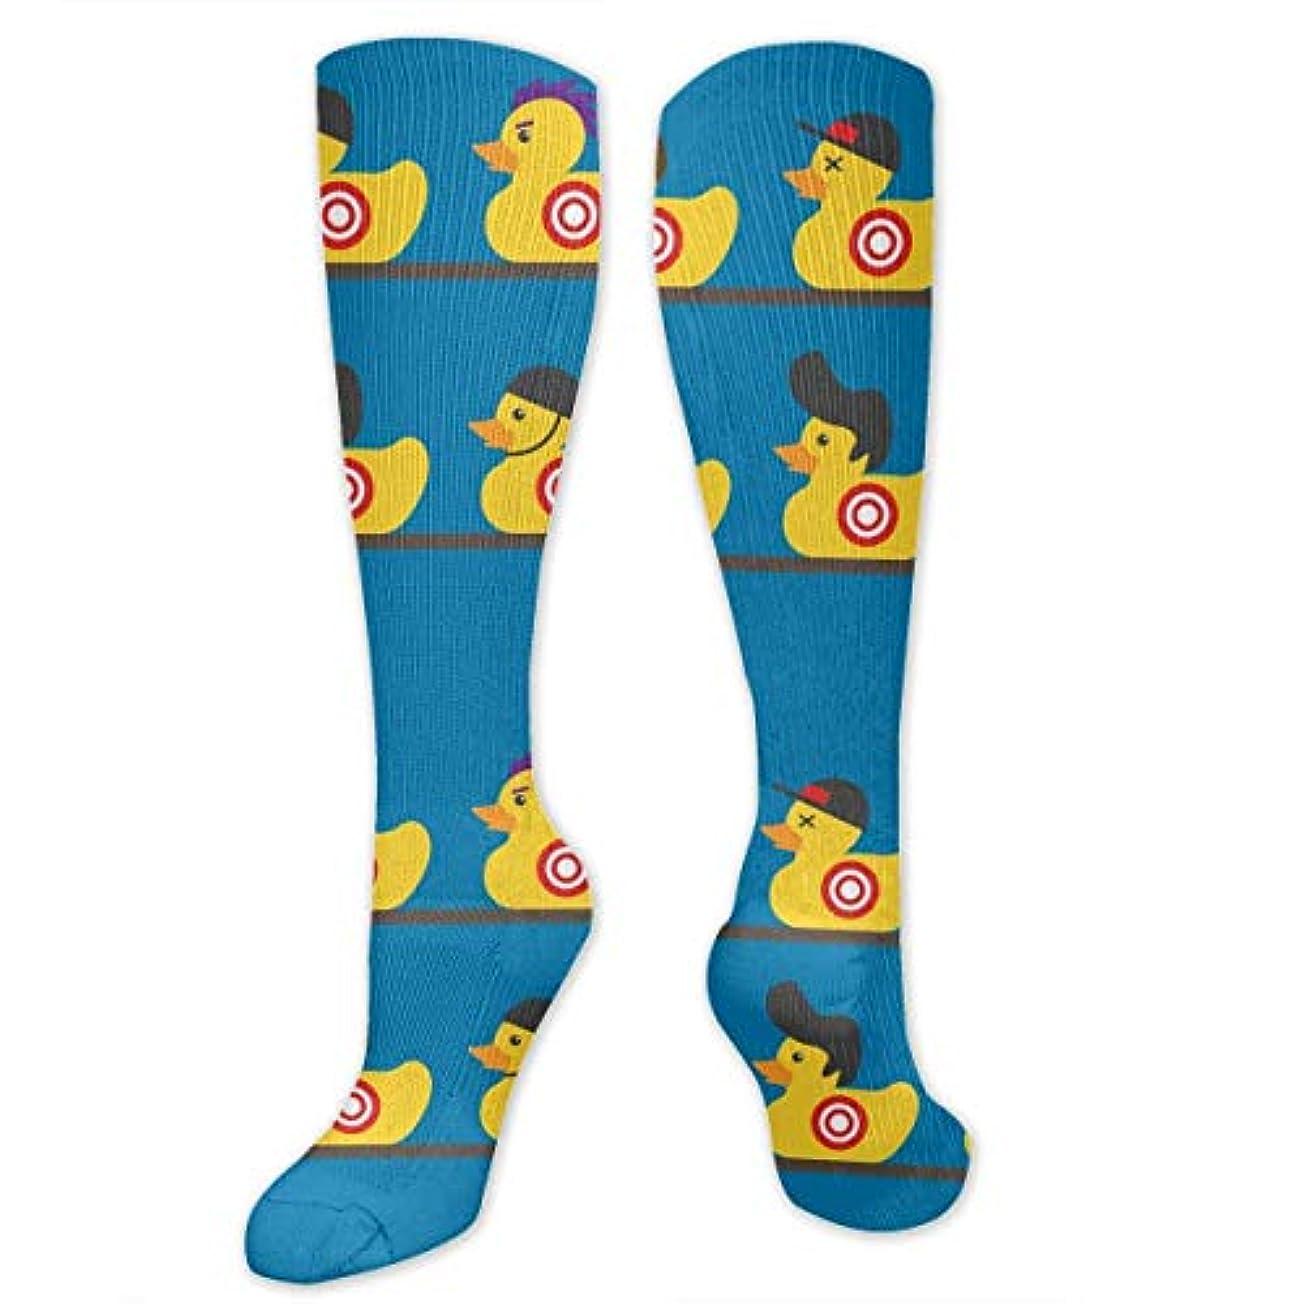 メンタルトライアスロンディベート靴下,ストッキング,野生のジョーカー,実際,秋の本質,冬必須,サマーウェア&RBXAA Rubber Yellow Duck Art.jpg Socks Women's Winter Cotton Long Tube Socks...